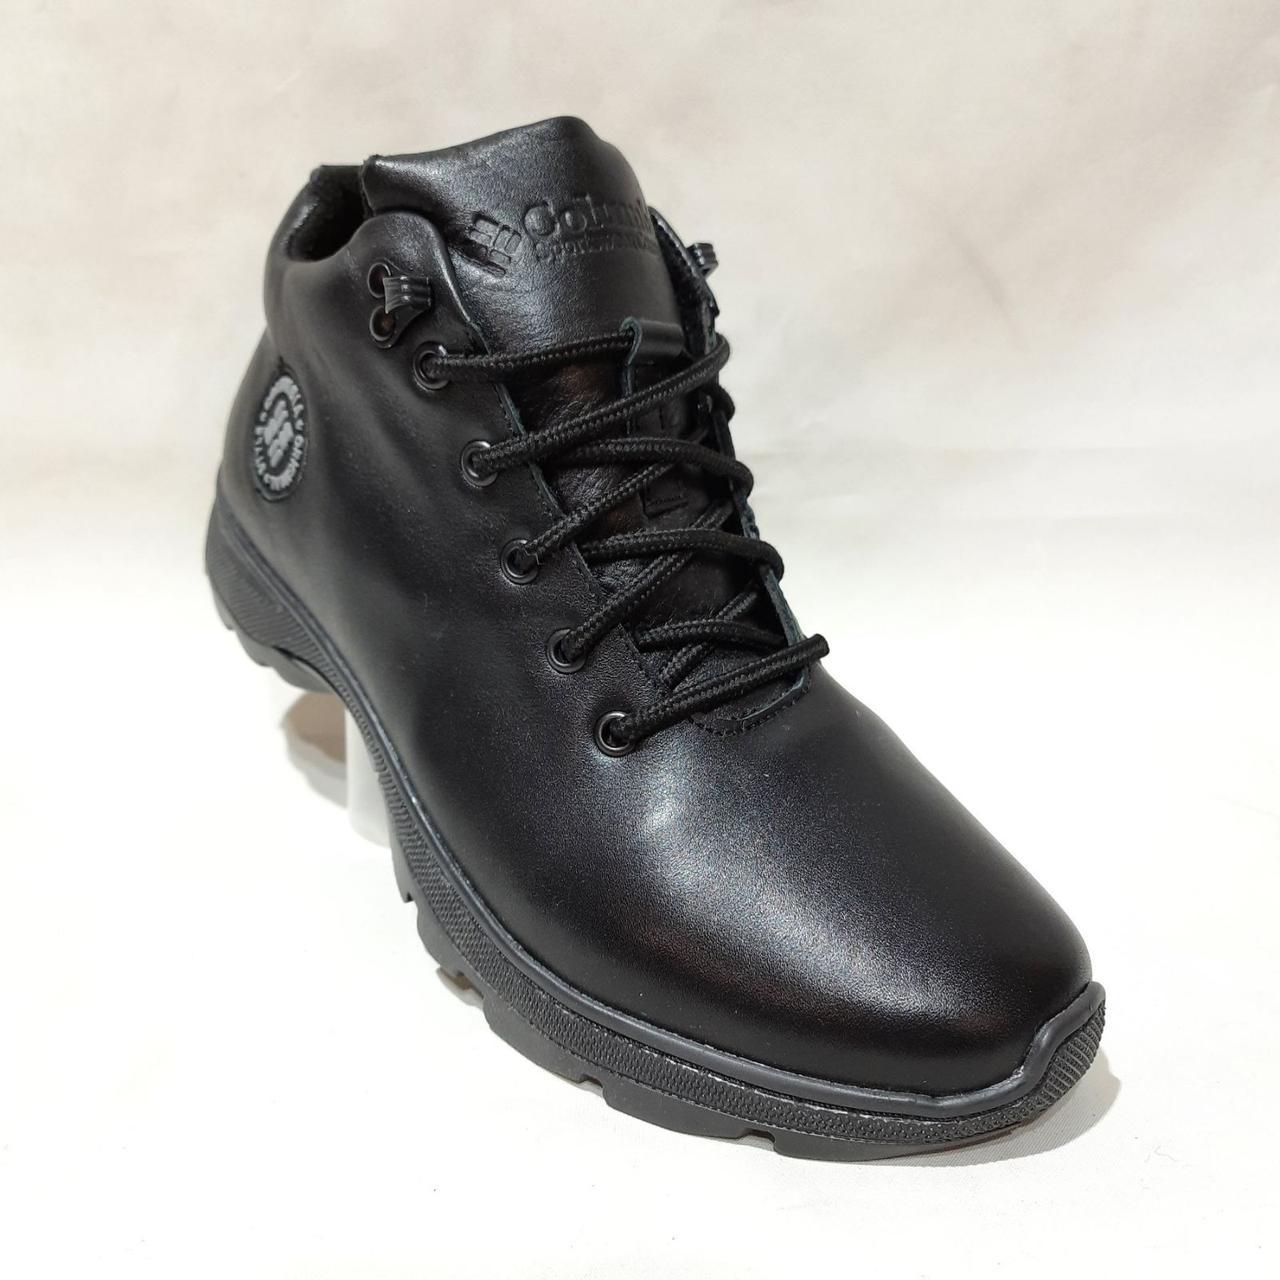 Мужские зимние кожаные ботинки теплые кроссовки на меху Черные